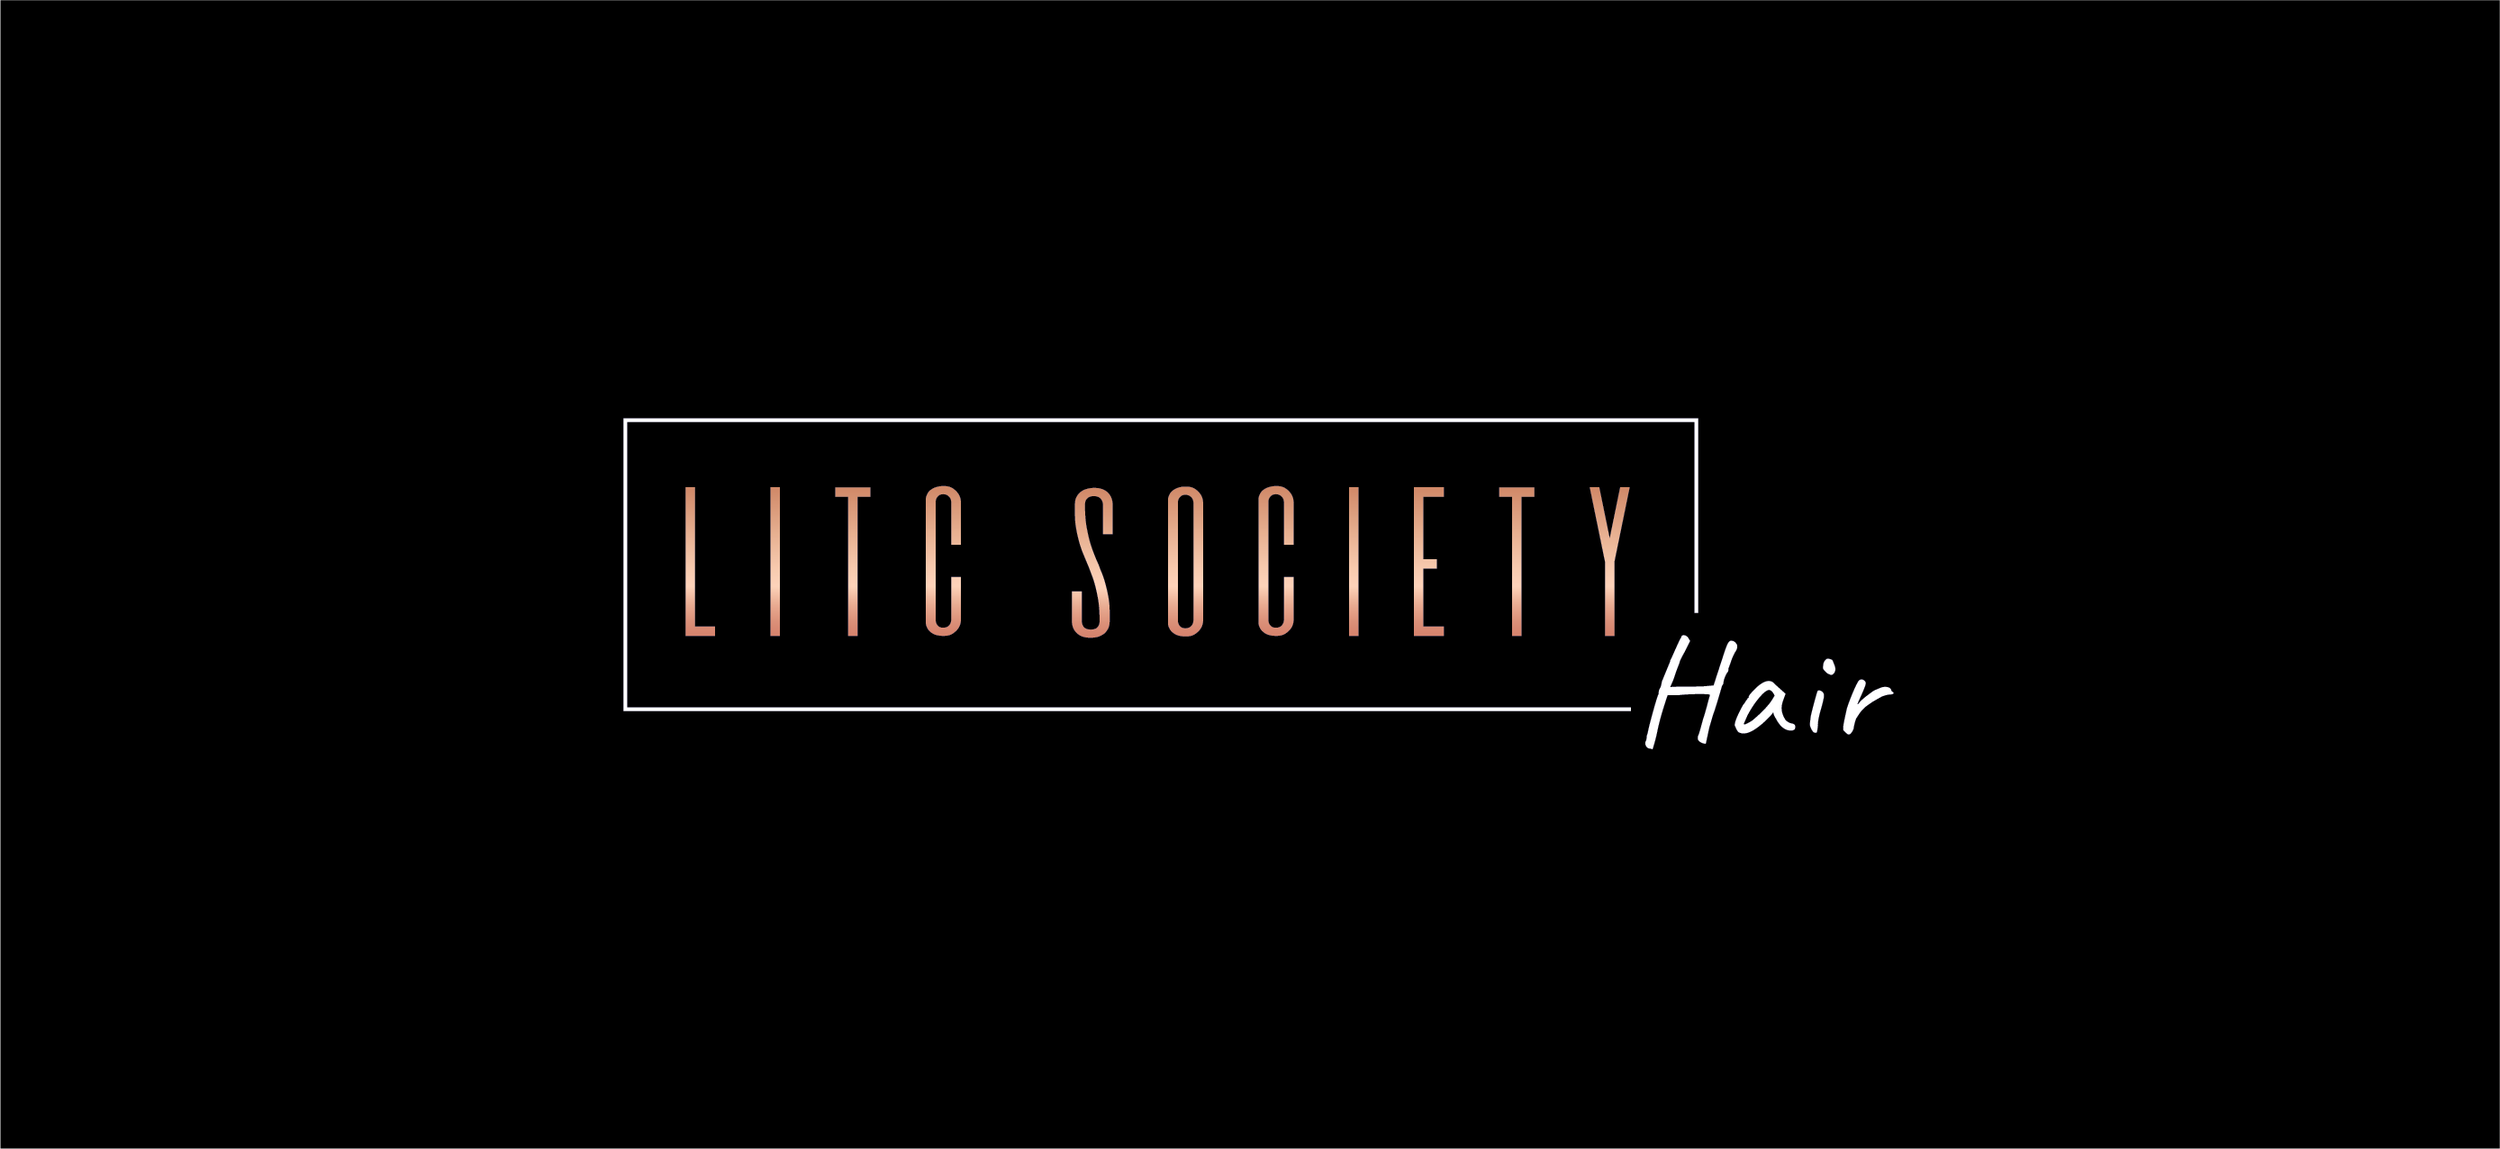 litcsociety-logo_Artboard 47.png